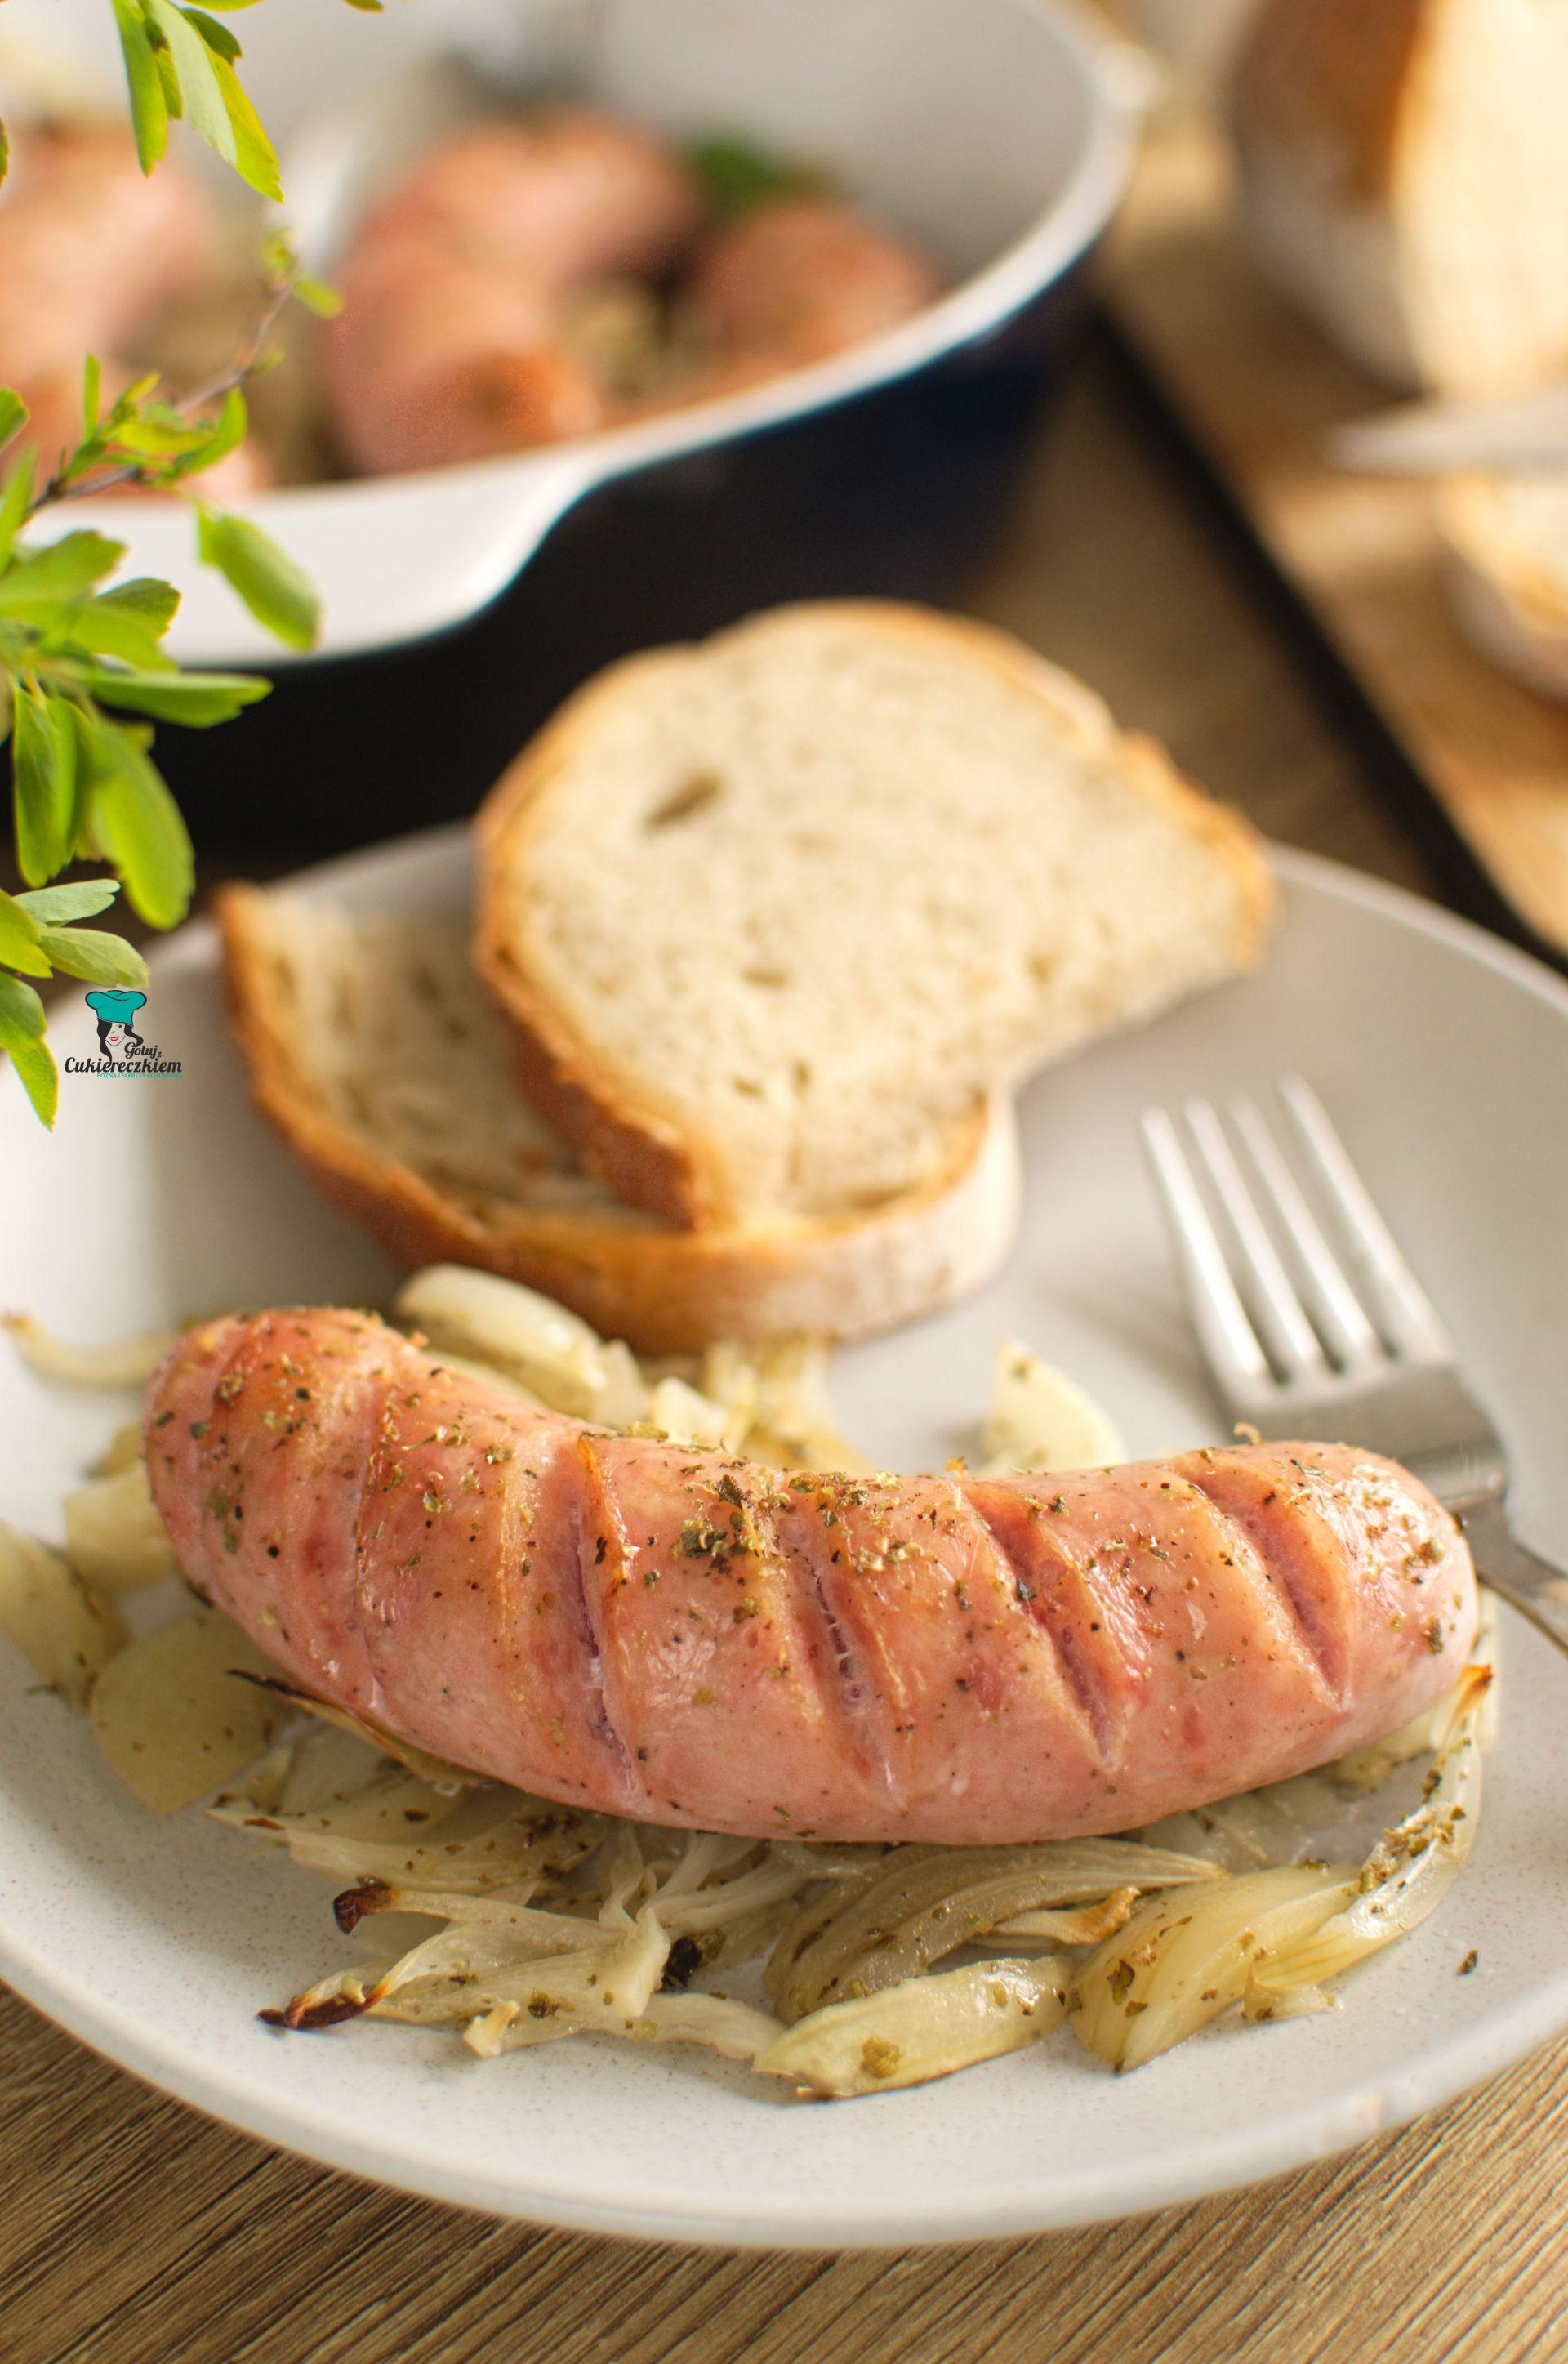 Biała kiełbasa pieczona z cebulą i majerankiem